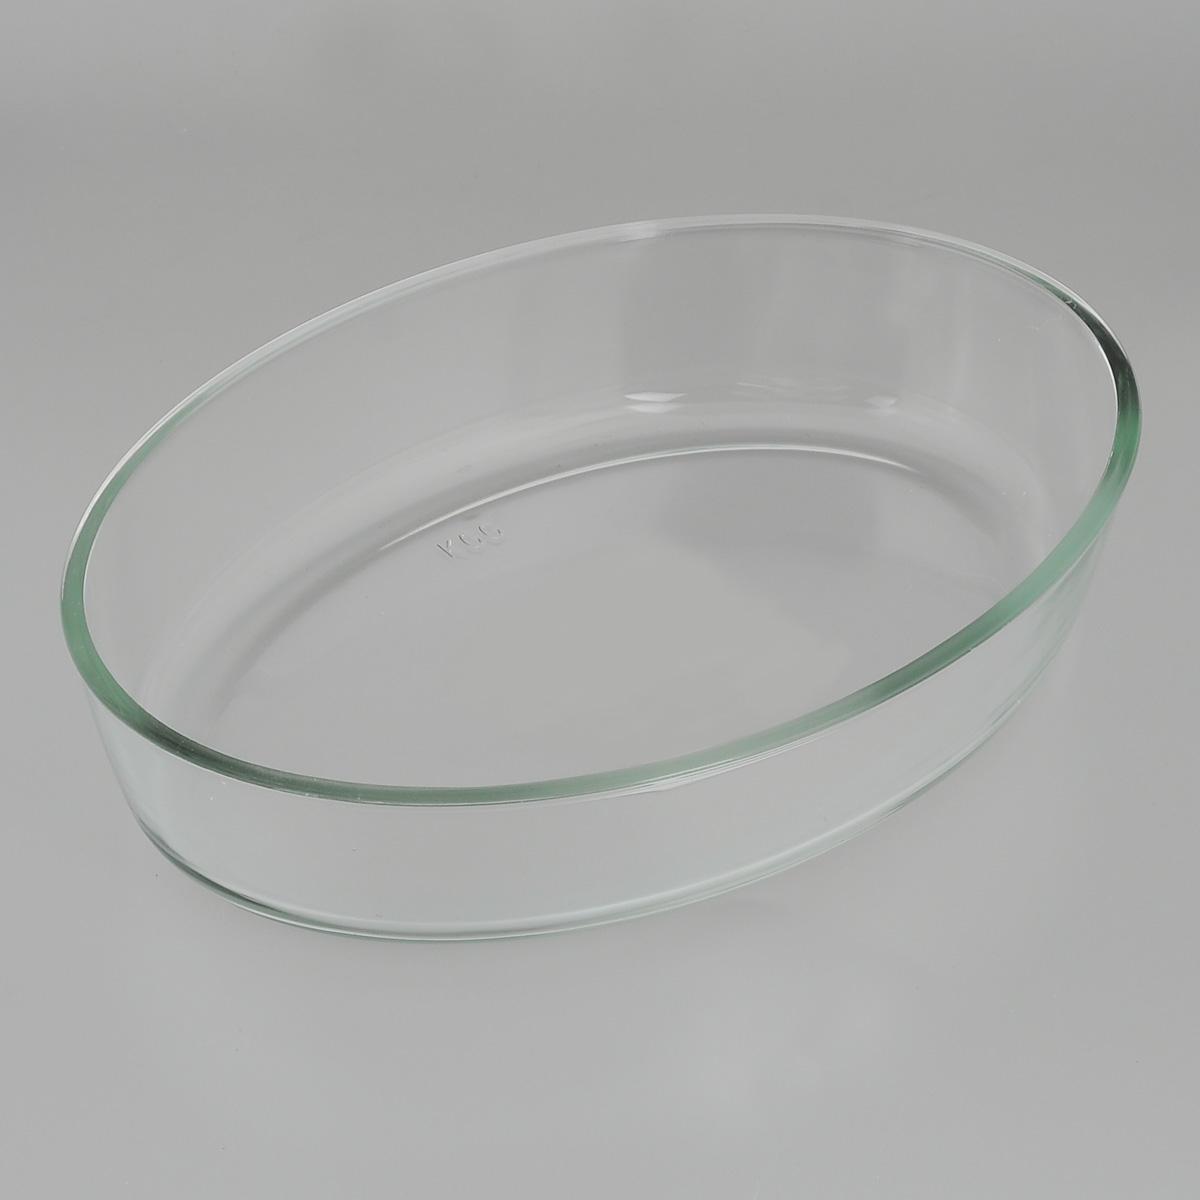 Форма для запекания Едим Дома, овальная, 26 см х 18 смPV12Овальная форма для запекания Едим Дома изготовлена из жаропрочного стекла, которое выдерживает температуру до +450°С. Форма предназначена для приготовления горячих блюд. Материал изделия гигиеничен, прост в уходе и обладает высокой степенью прочности. Форма идеально подходит для использования в духовках, микроволновых печах, холодильниках и морозильных камерах. Также ее можно использовать на газовых плитах (на слабом огне) и на электроплитах. Можно мыть в посудомоечной машине. Размер формы (по верхнему краю): 26 см х 18 см. Высота стенки формы: 6 см.